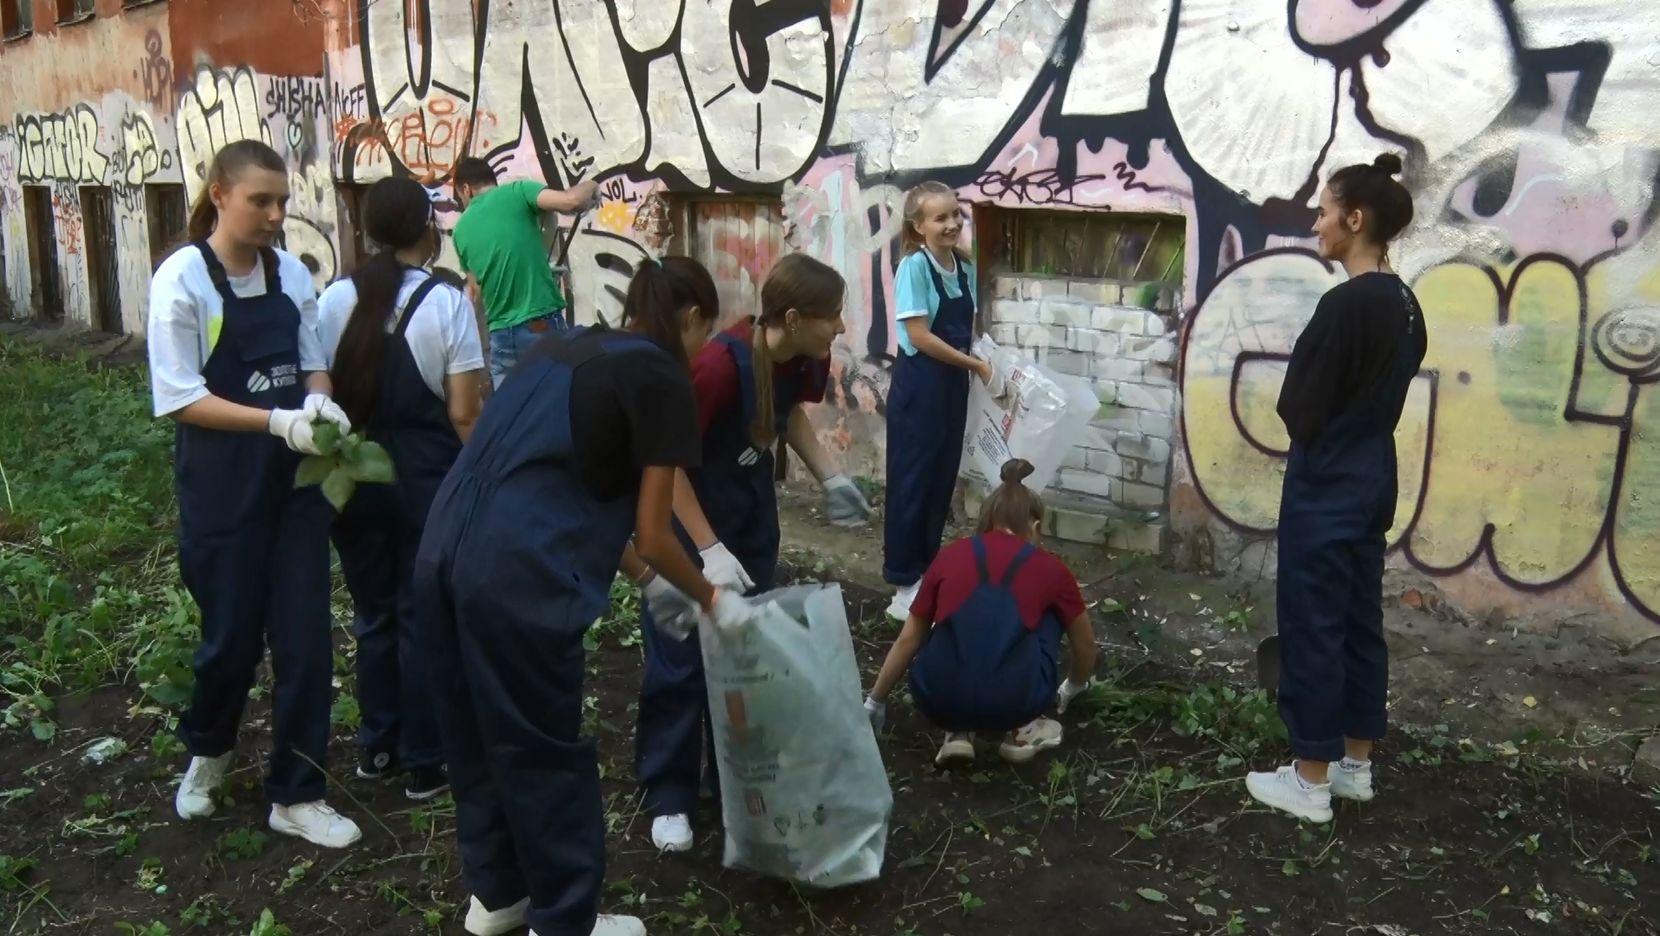 Волонтеры Ярославля помогают восстанавливать объекты культурного наследия в рамках проекта «Золотые купола»